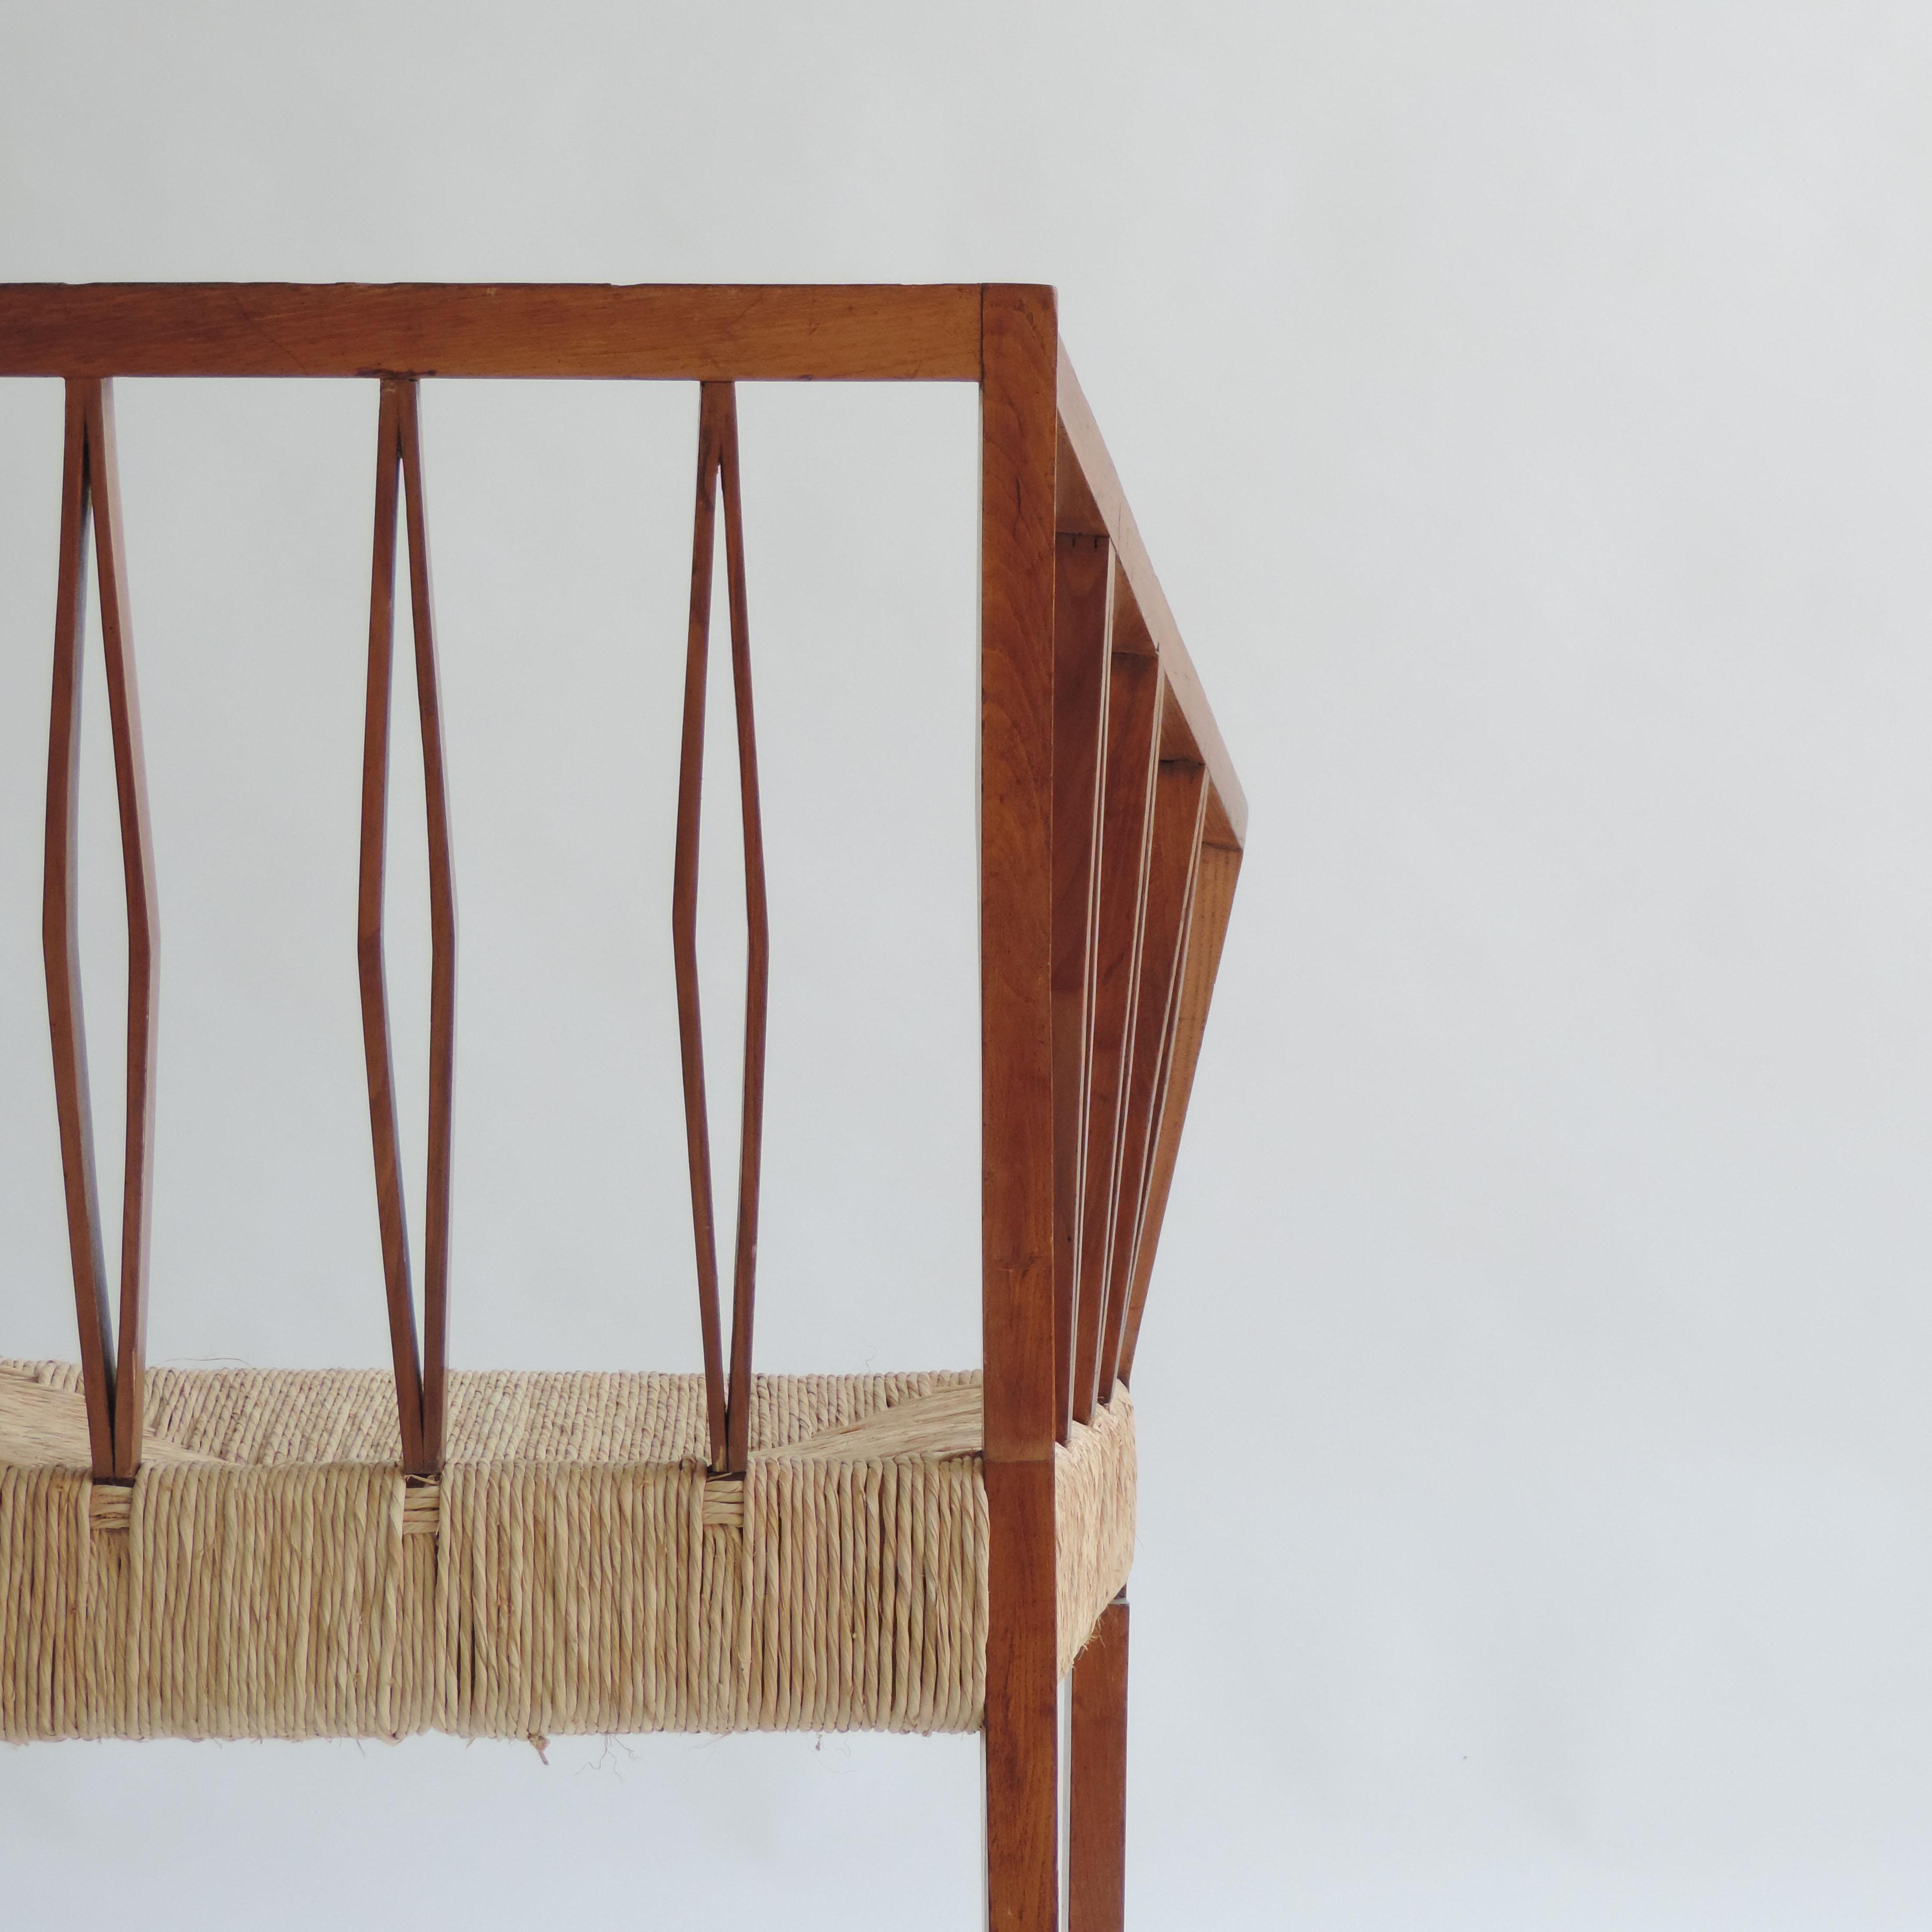 Asnago & Vender, rationalism, architecture, italian design, design masters